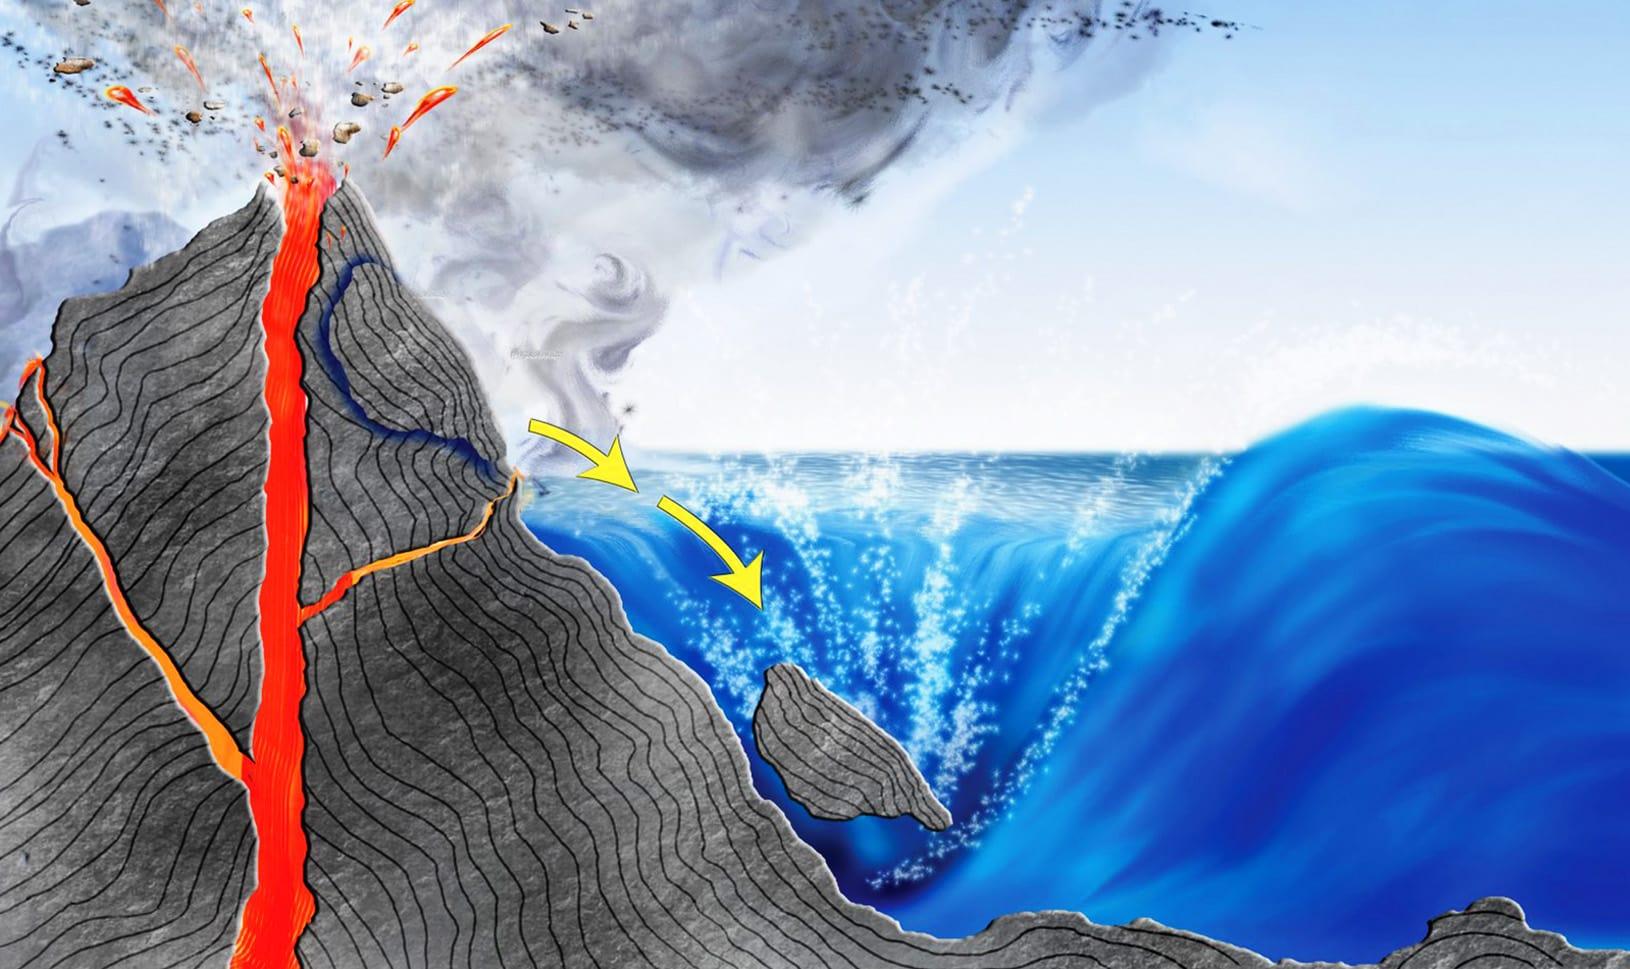 Цунами, вызванное извержением вулкана и оползнем